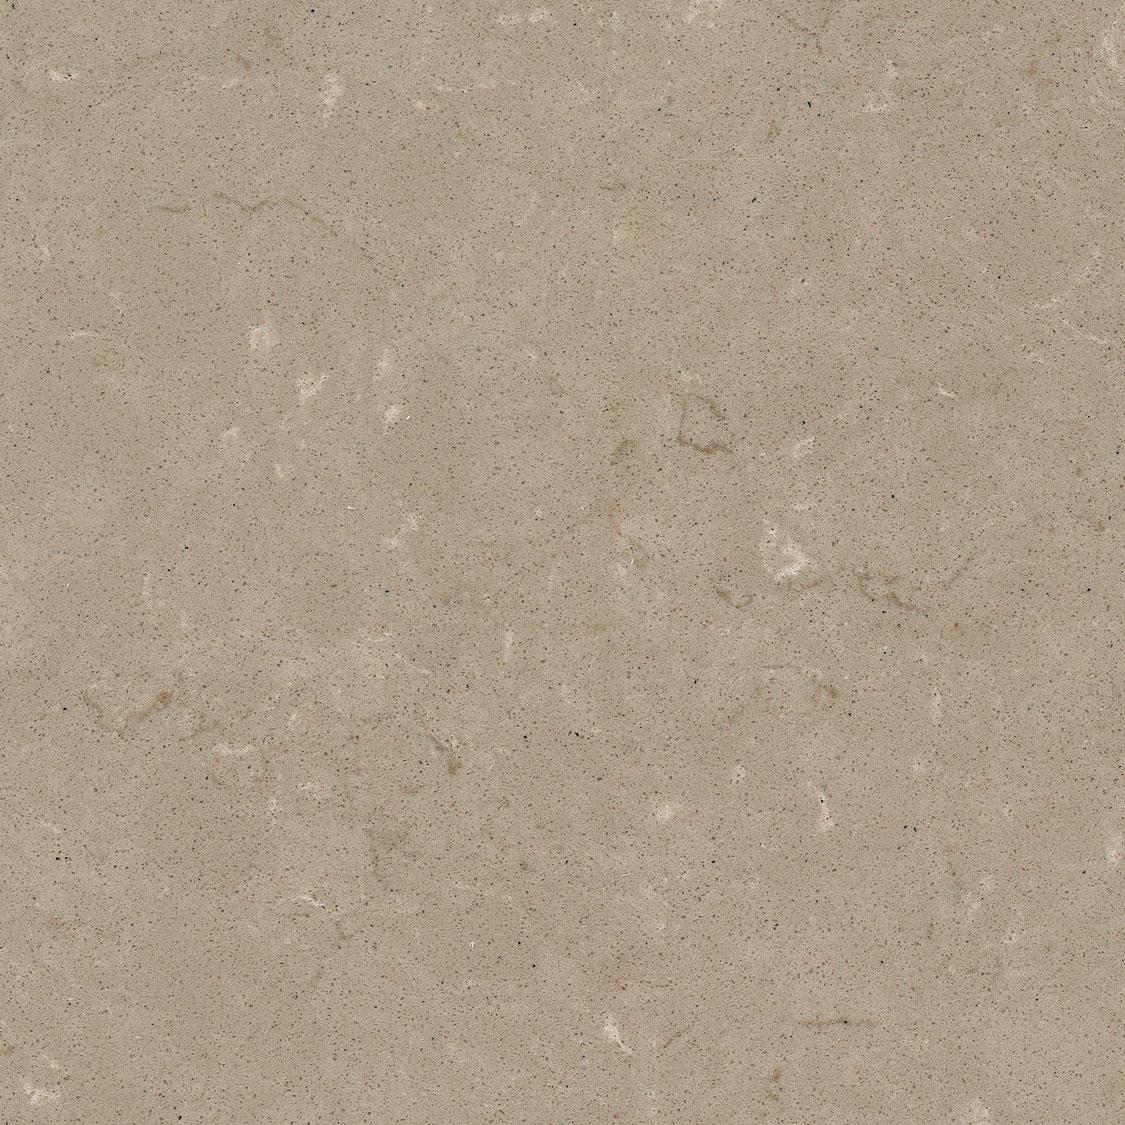 サイルストーン SILESTONE Coral Clay コーラル・グレイ